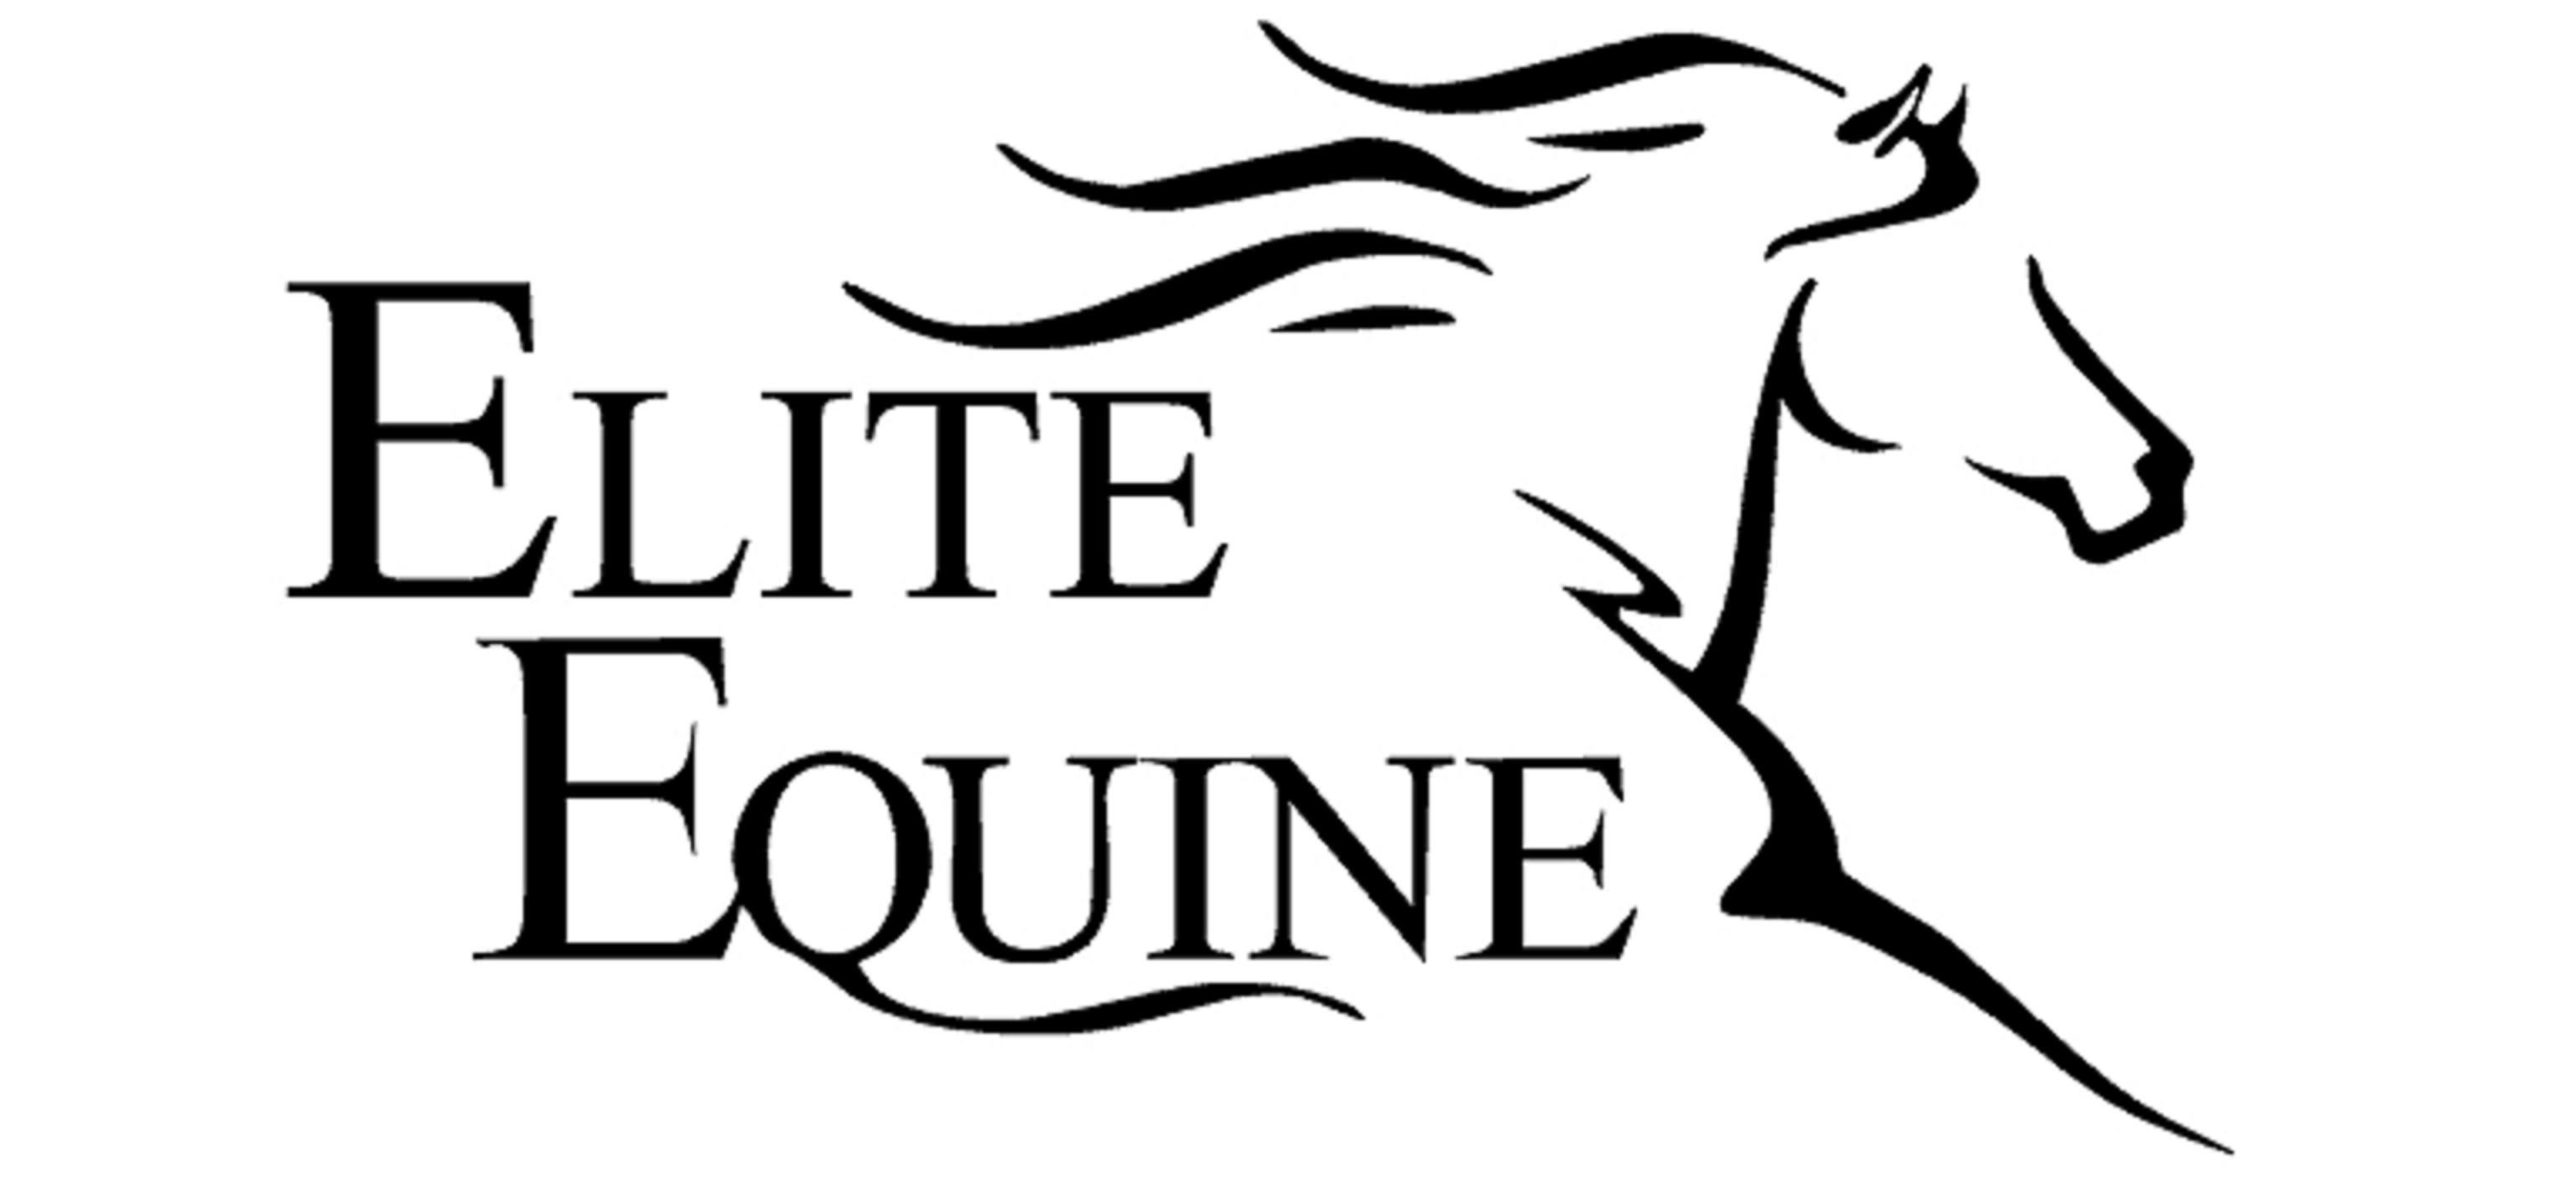 Elite Equine Solutions